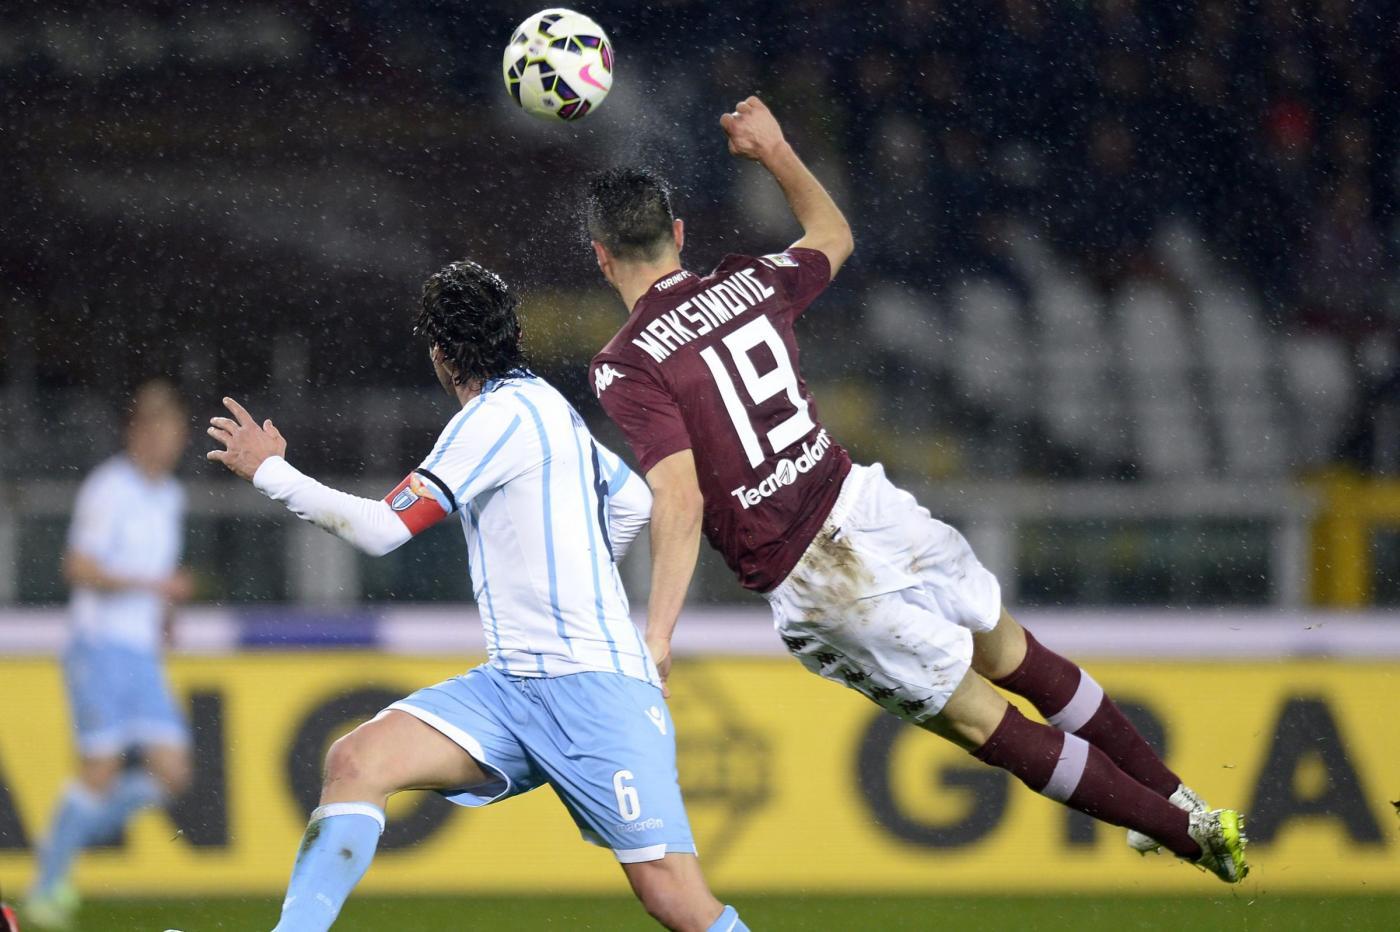 Calciomercato Napoli 2015/16: Nikola Maksimovic per la difesa